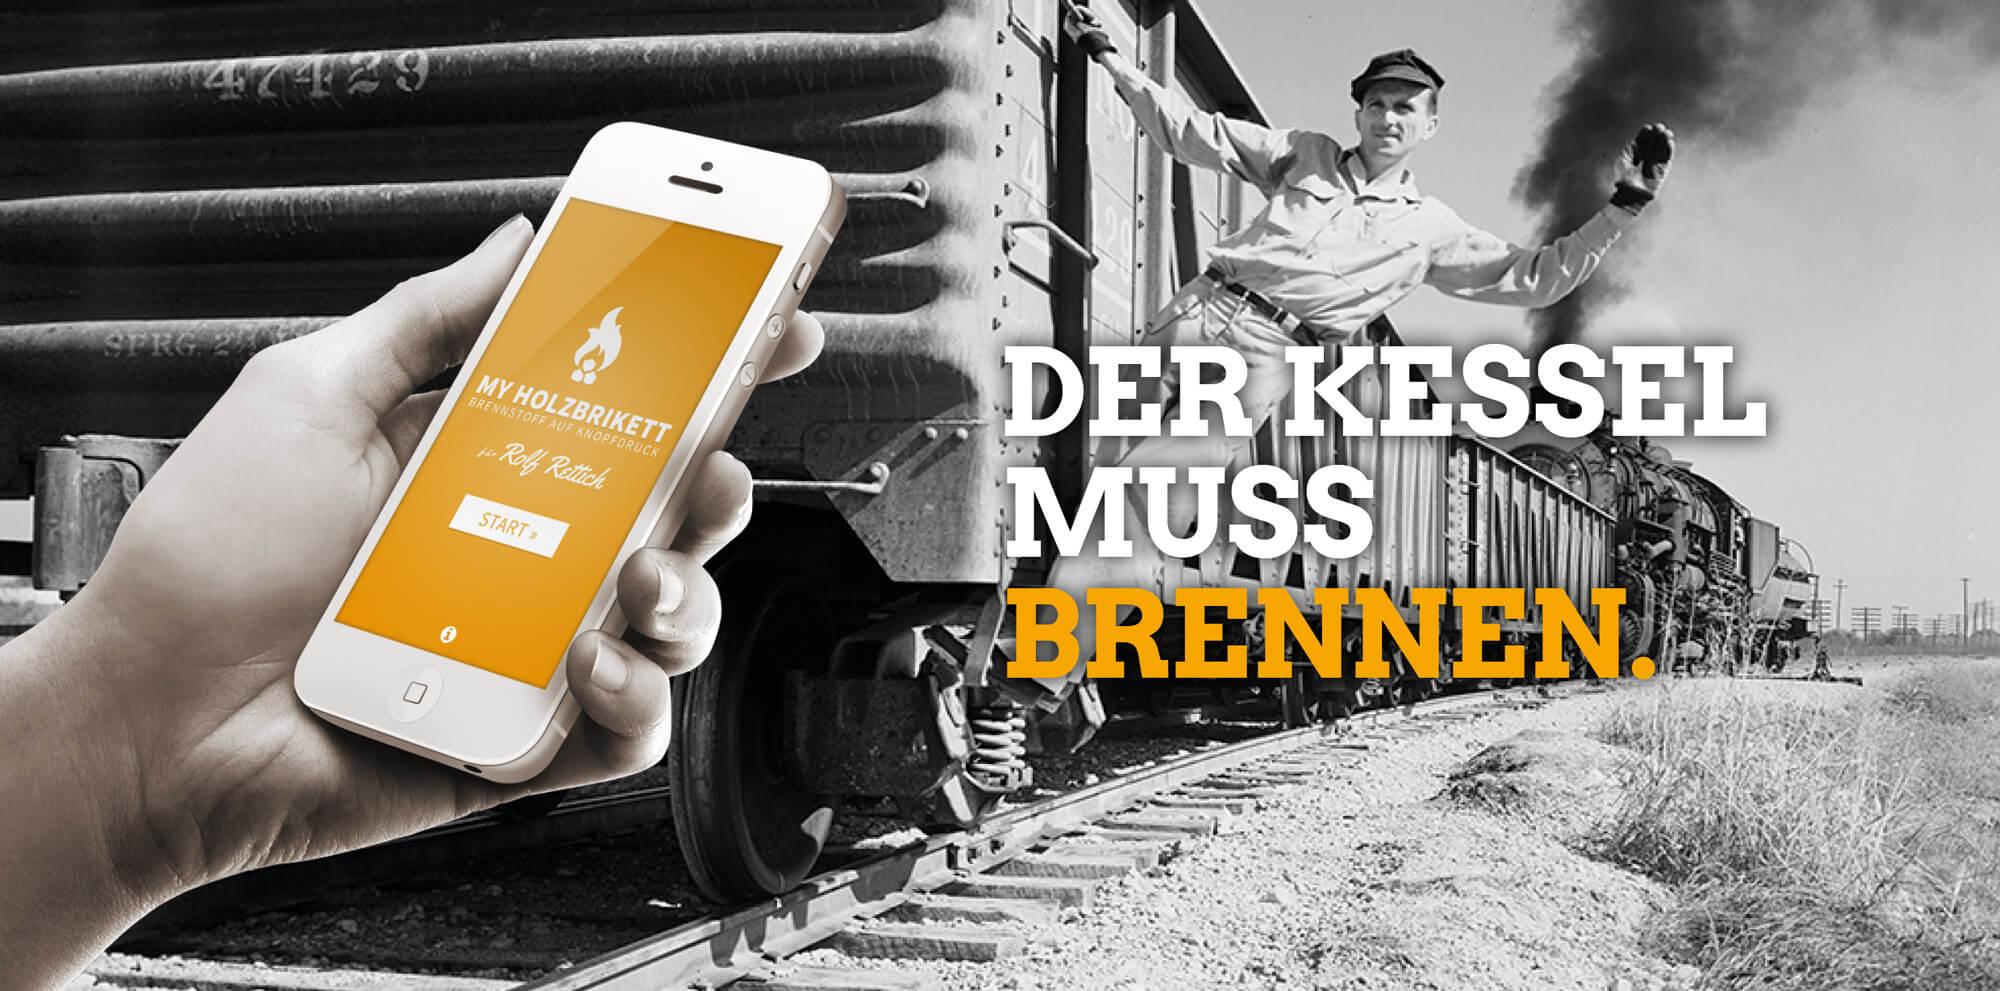 Mobile Apps mit Volldampf auf dem Vormarsch!